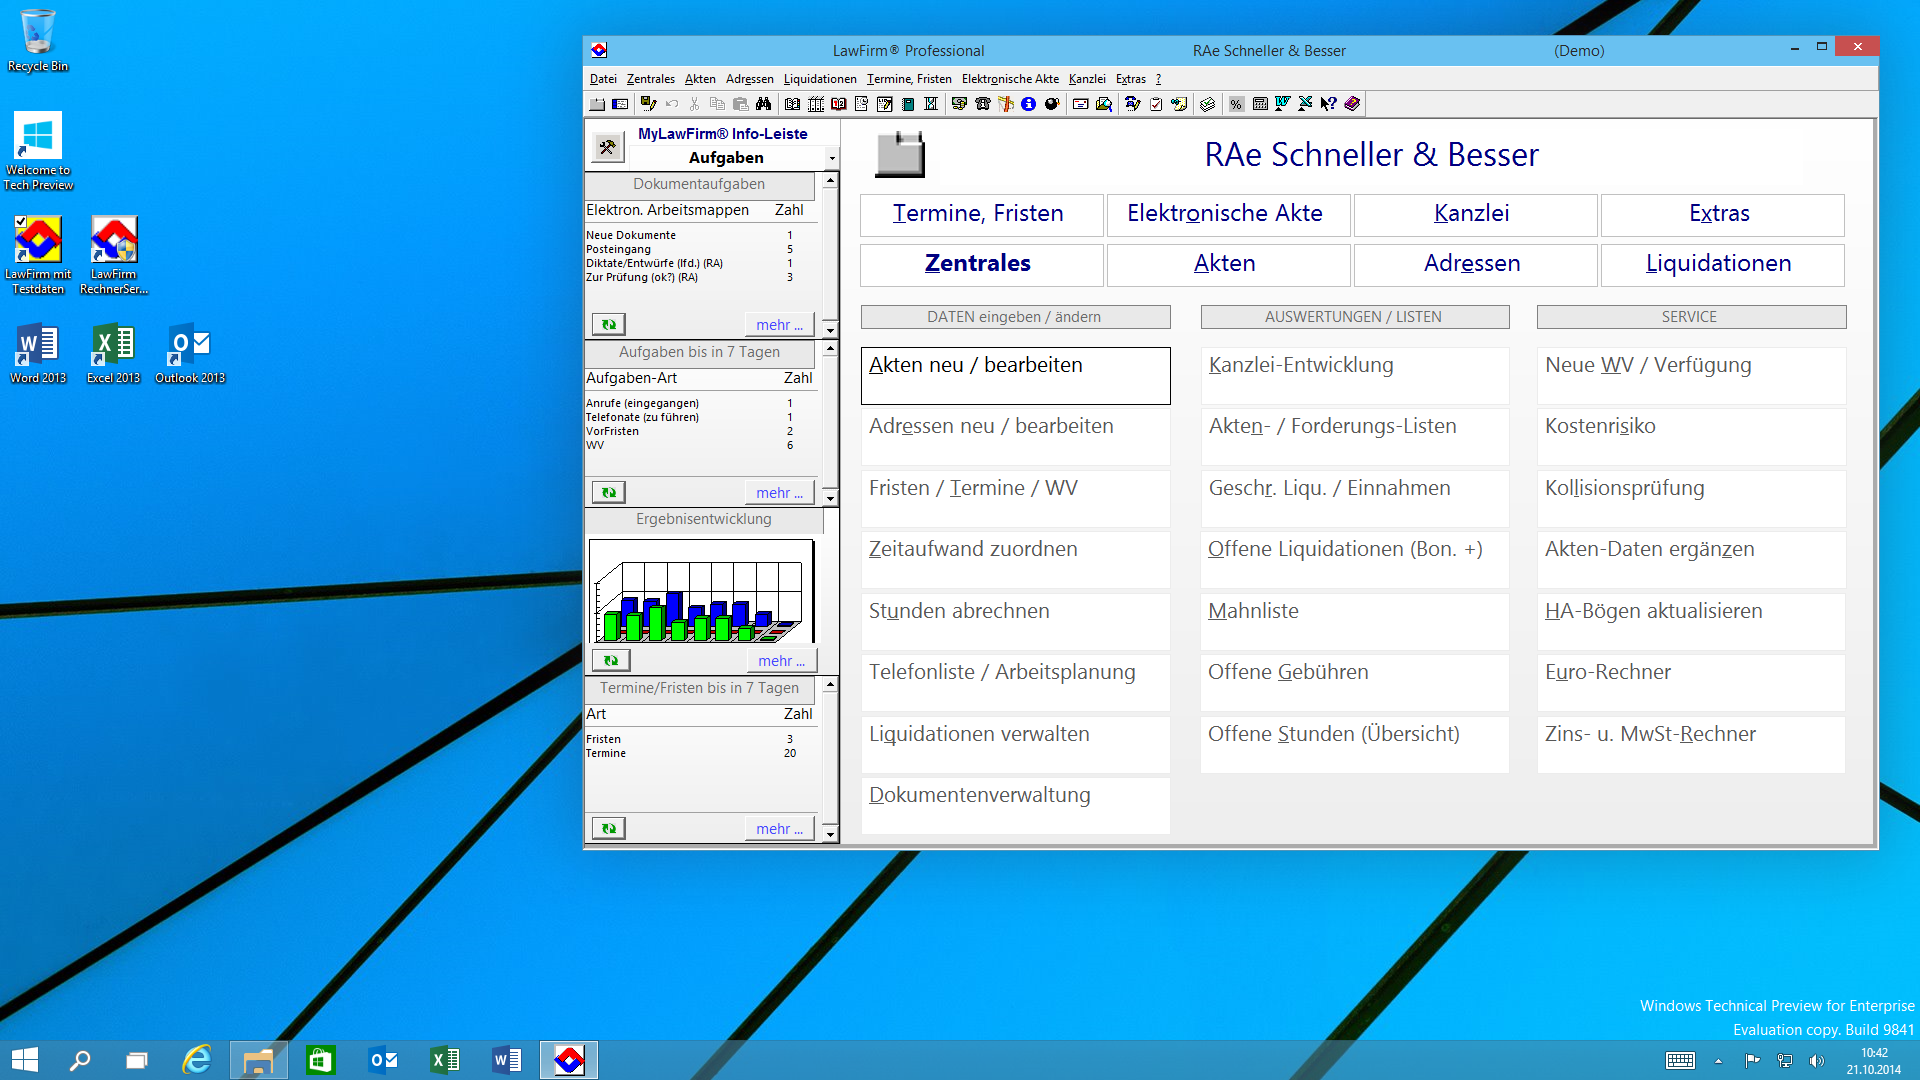 Windows® 10 Desktop-Oberfläche mit neuer LawFirm® Menü-Übersicht